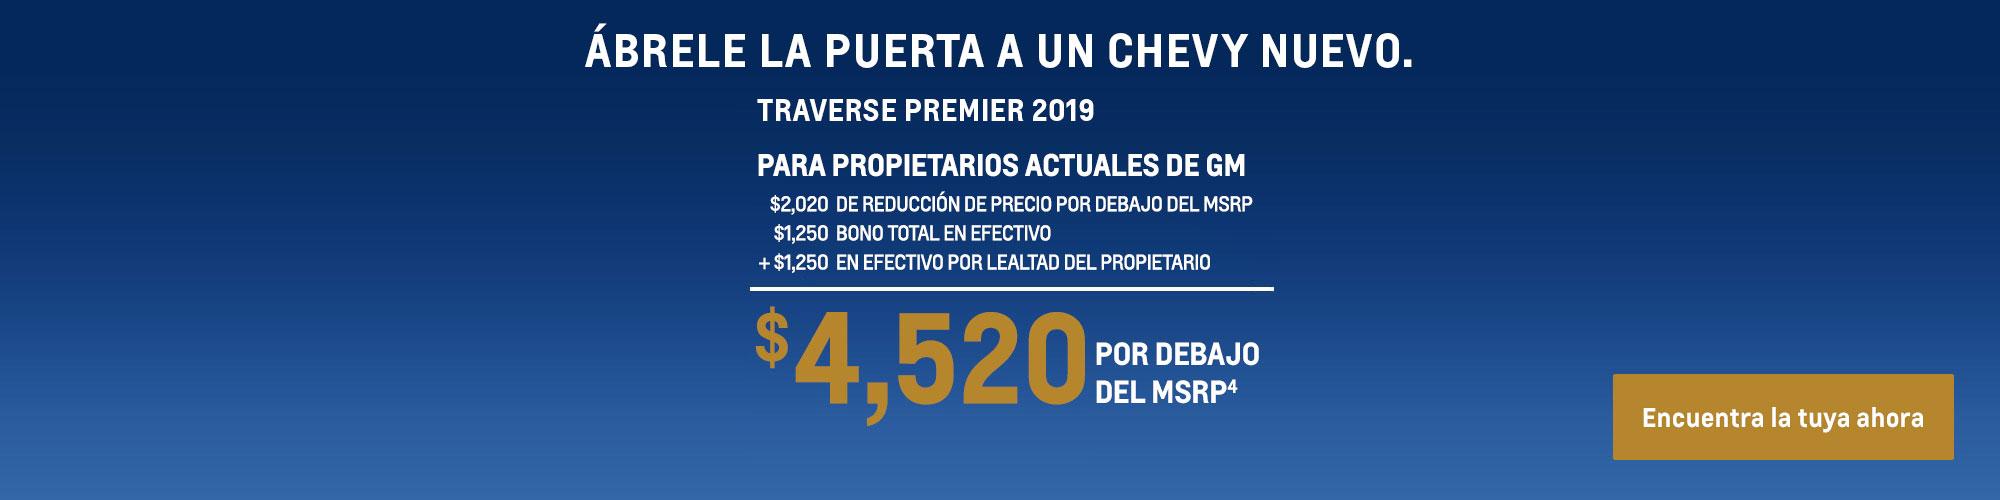 Traverse 2019: $4,520 Por debajo del MSRP